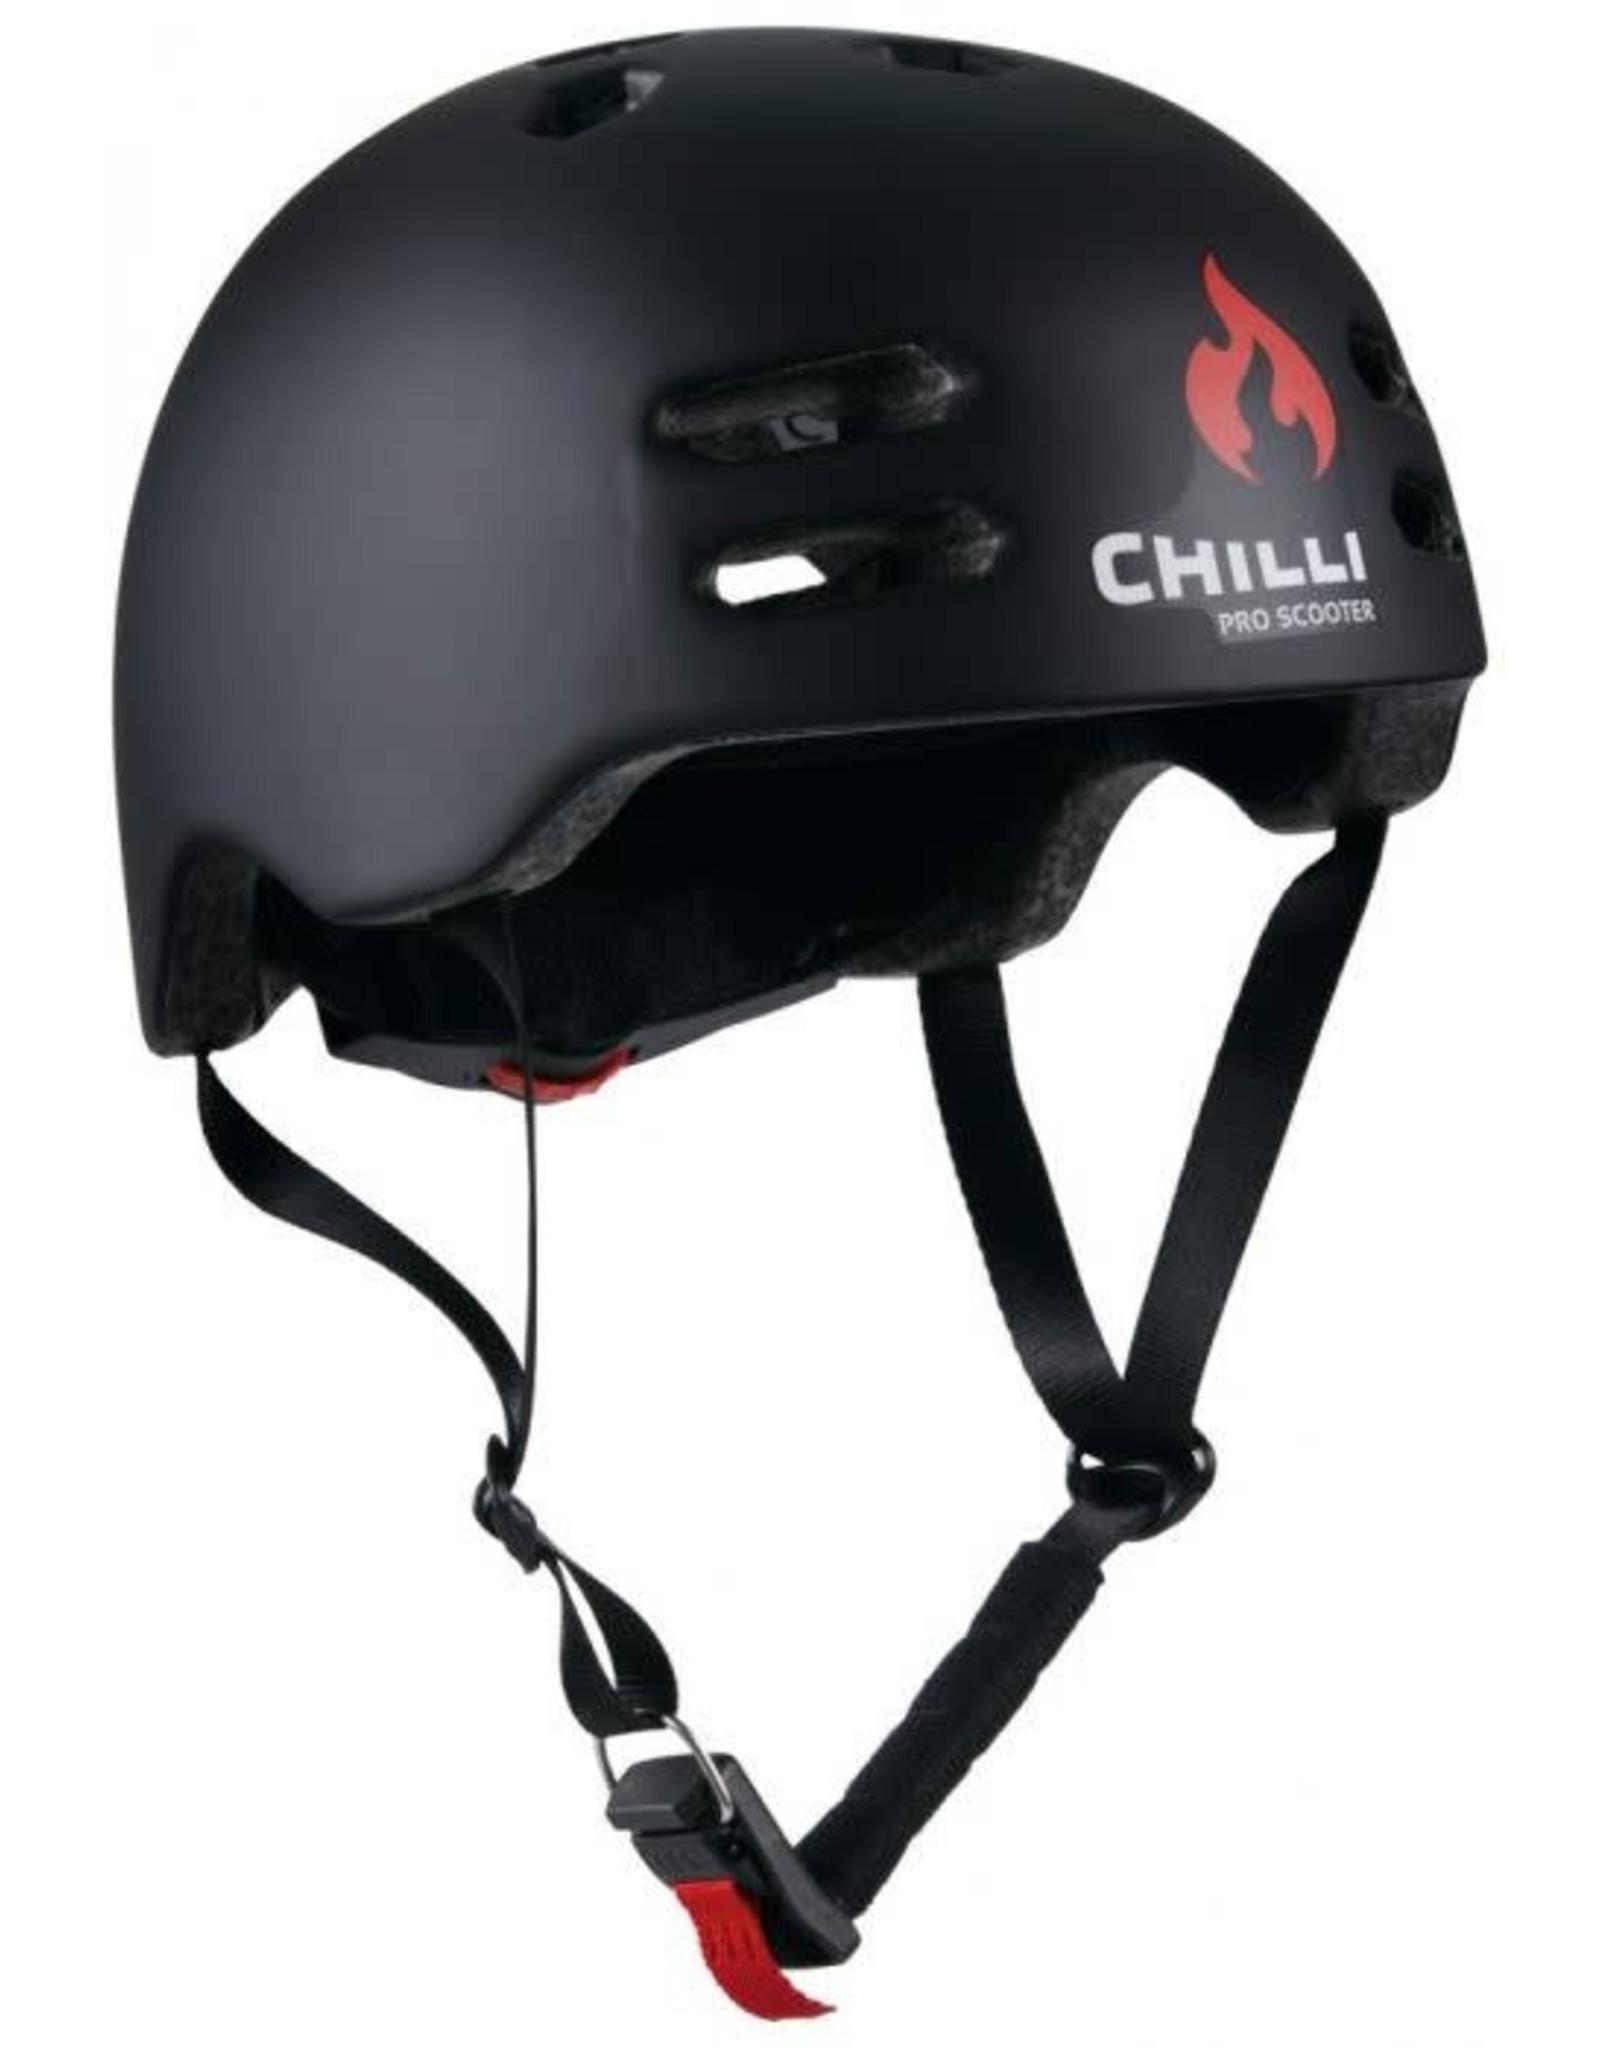 Chilli Inmold Helmet